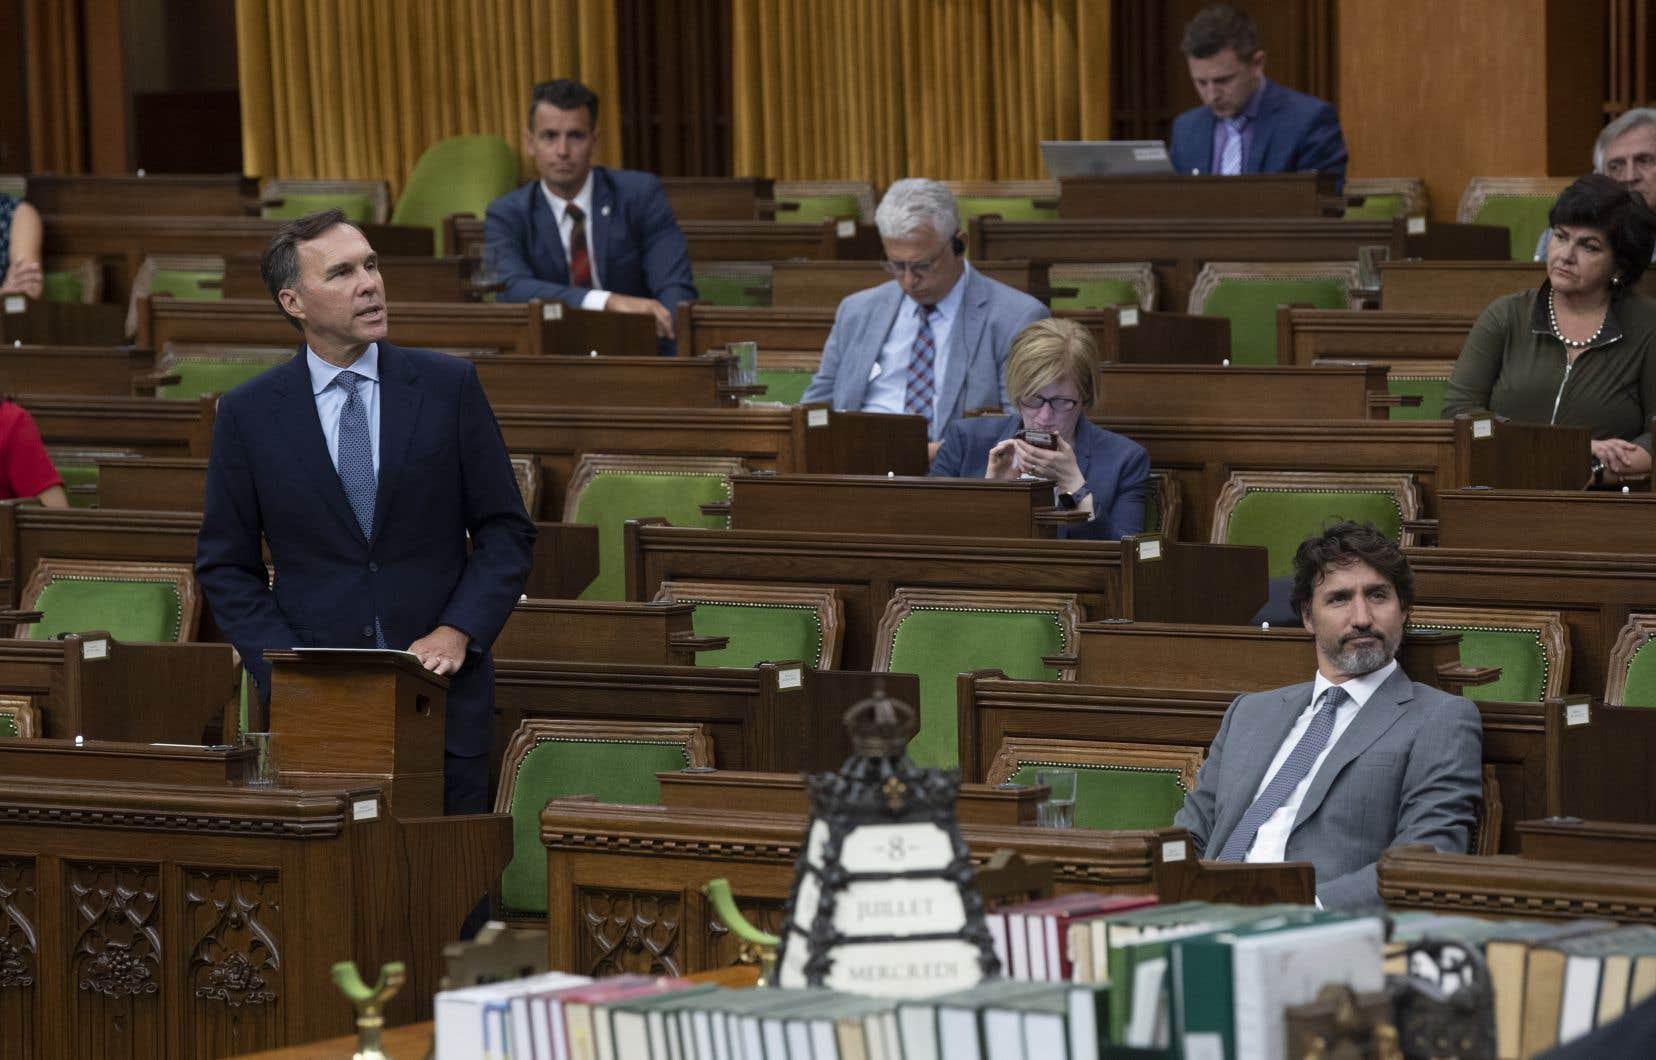 Justin Trudeau et Bill Morneau devaient être informés du contrat à UNIS, témoigne le greffier du Conseil privé.